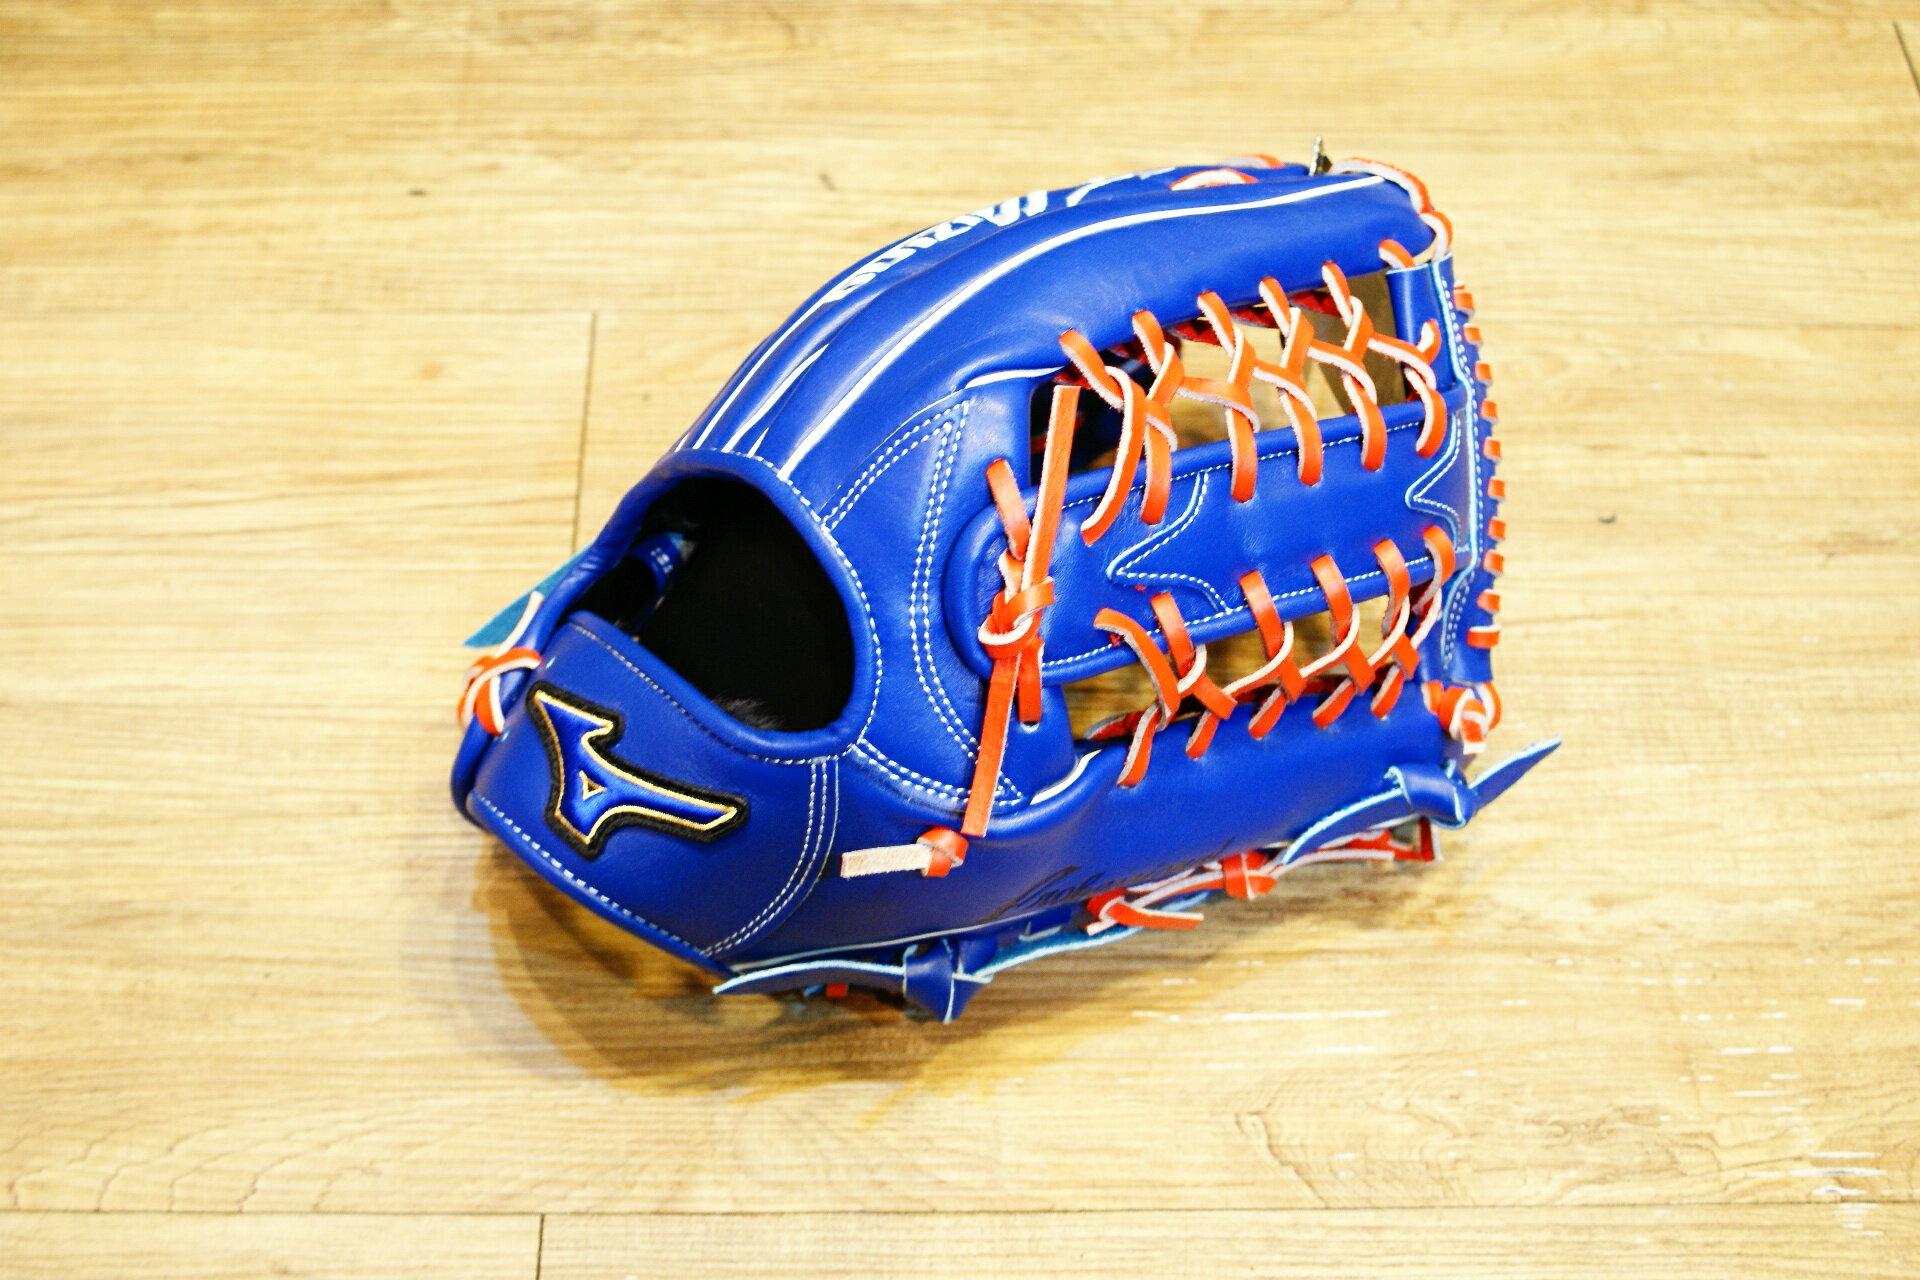 棒球世界 Mizuno 美津濃 2015年上半季 PROFESSIONAL 硬式手套特價 T網外野